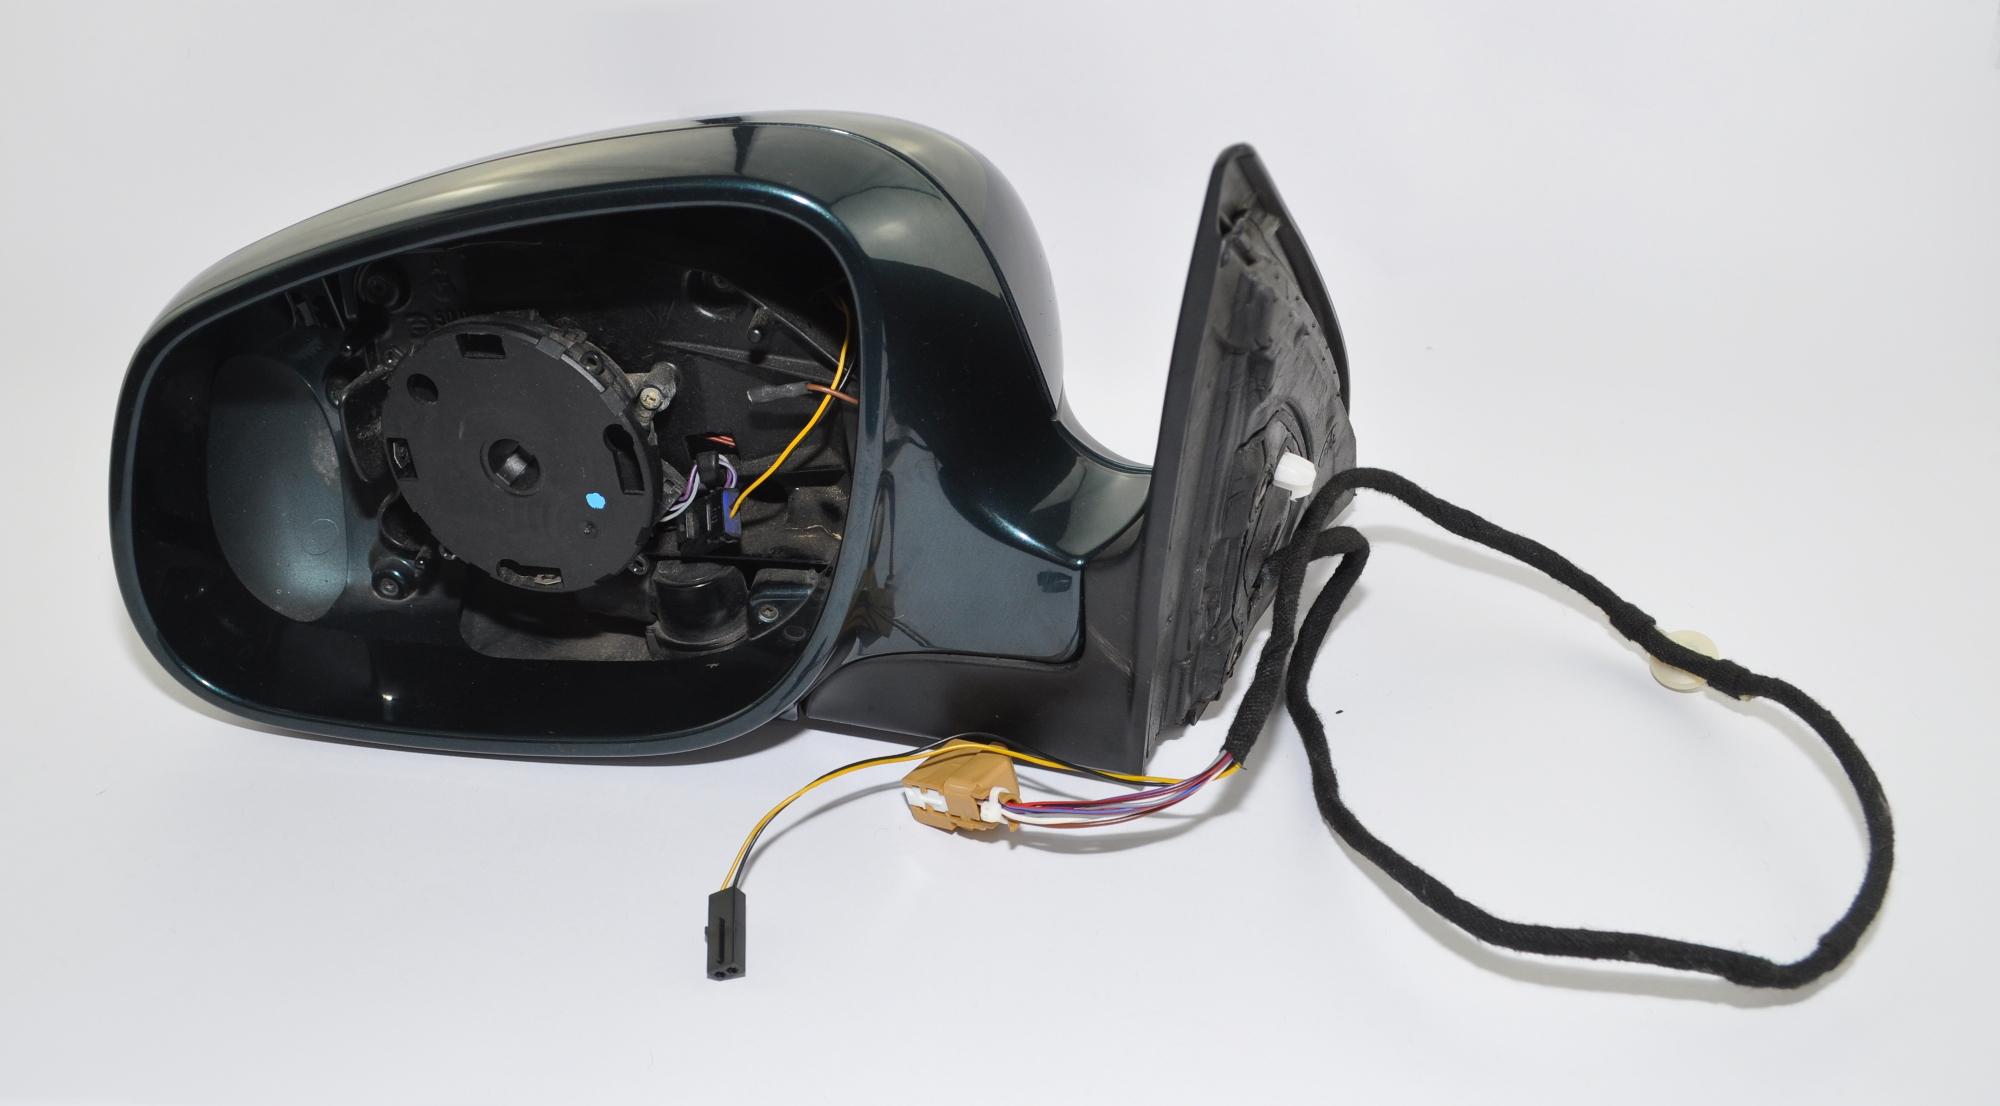 Außenspiegel elektr. anklappbar Vorne,Links 95573122700 Cayenne S 9P Original